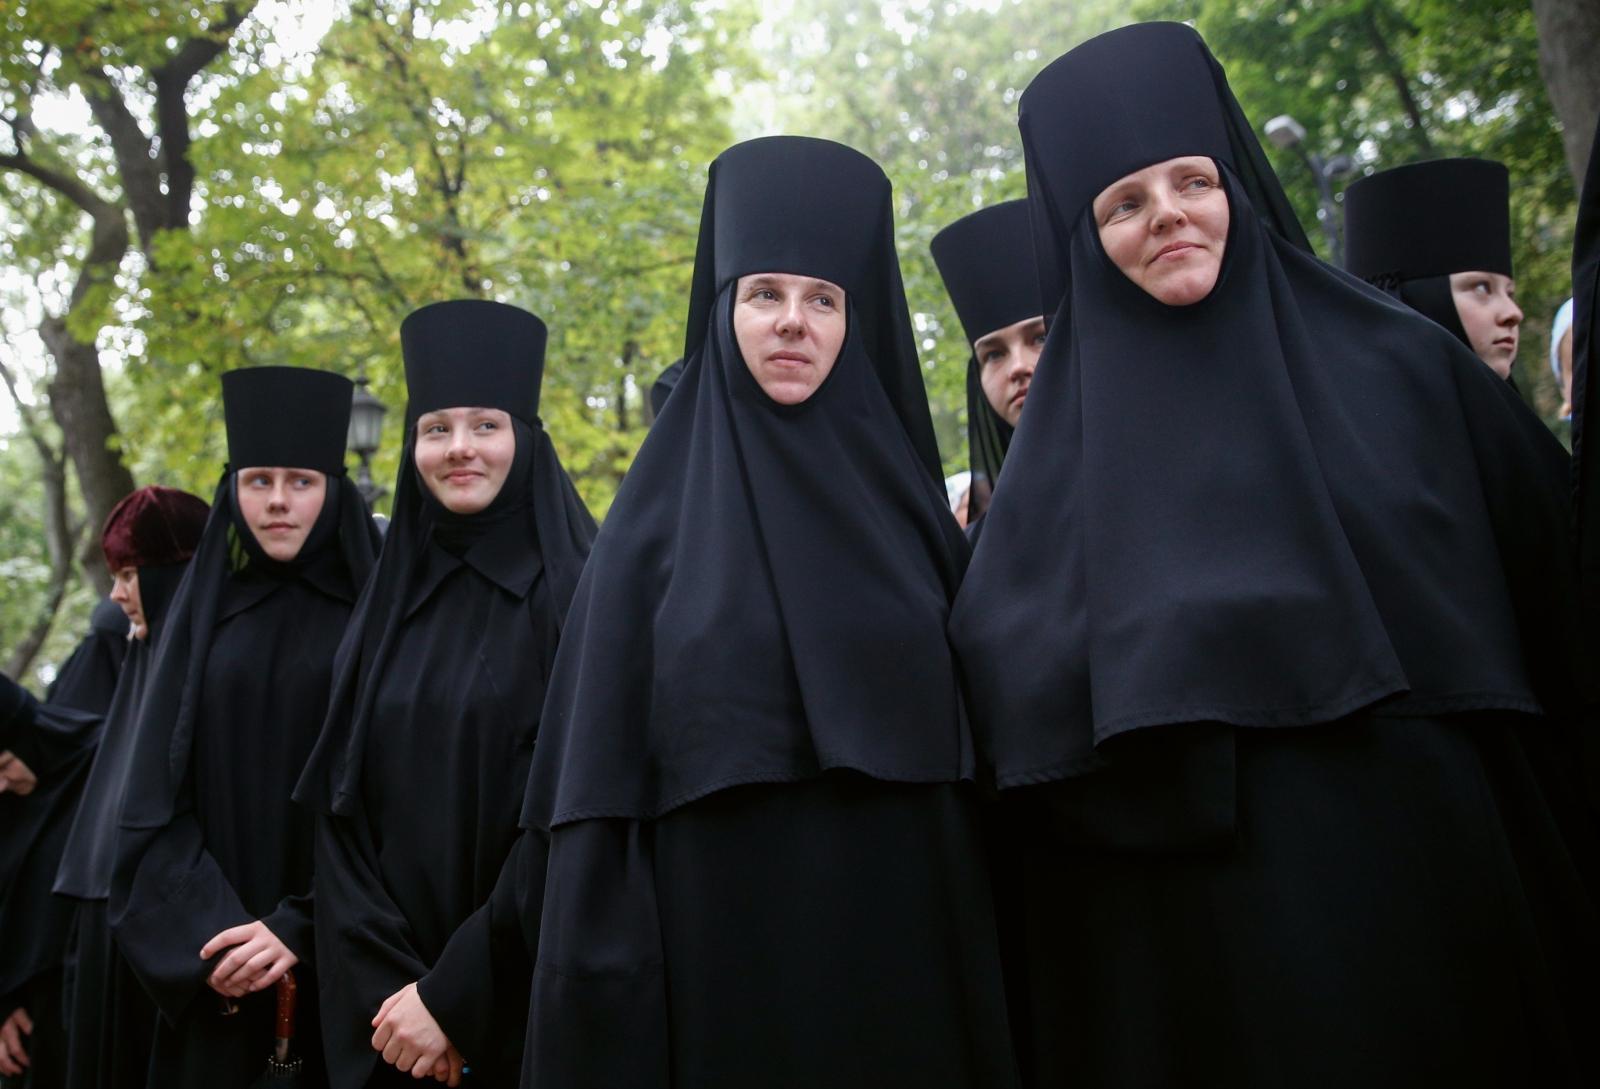 Prawosławne zakonnice modlą się w Kijowie w rocznicę chrystianizacji Rusi Kijowskiej